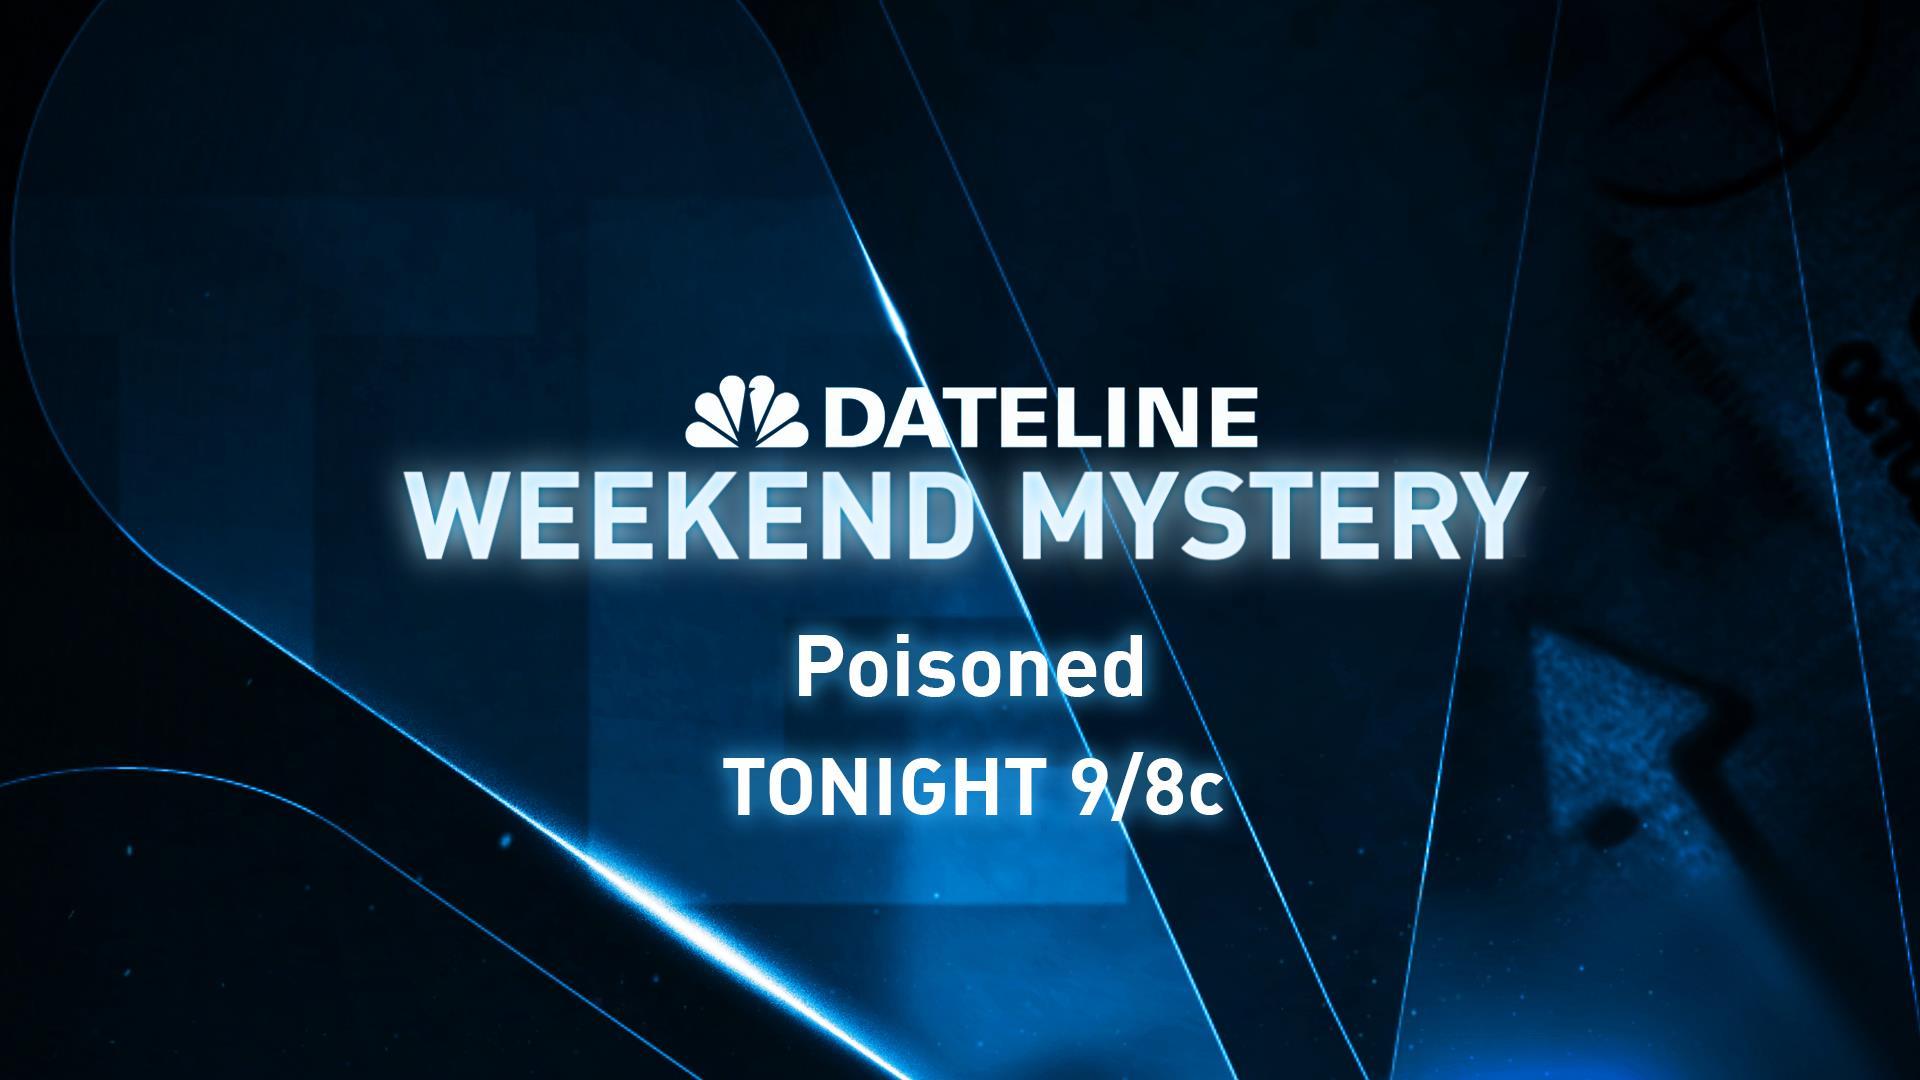 DATELINE WEEKEND MYSTERY SNEAK PEEK: Poisoned